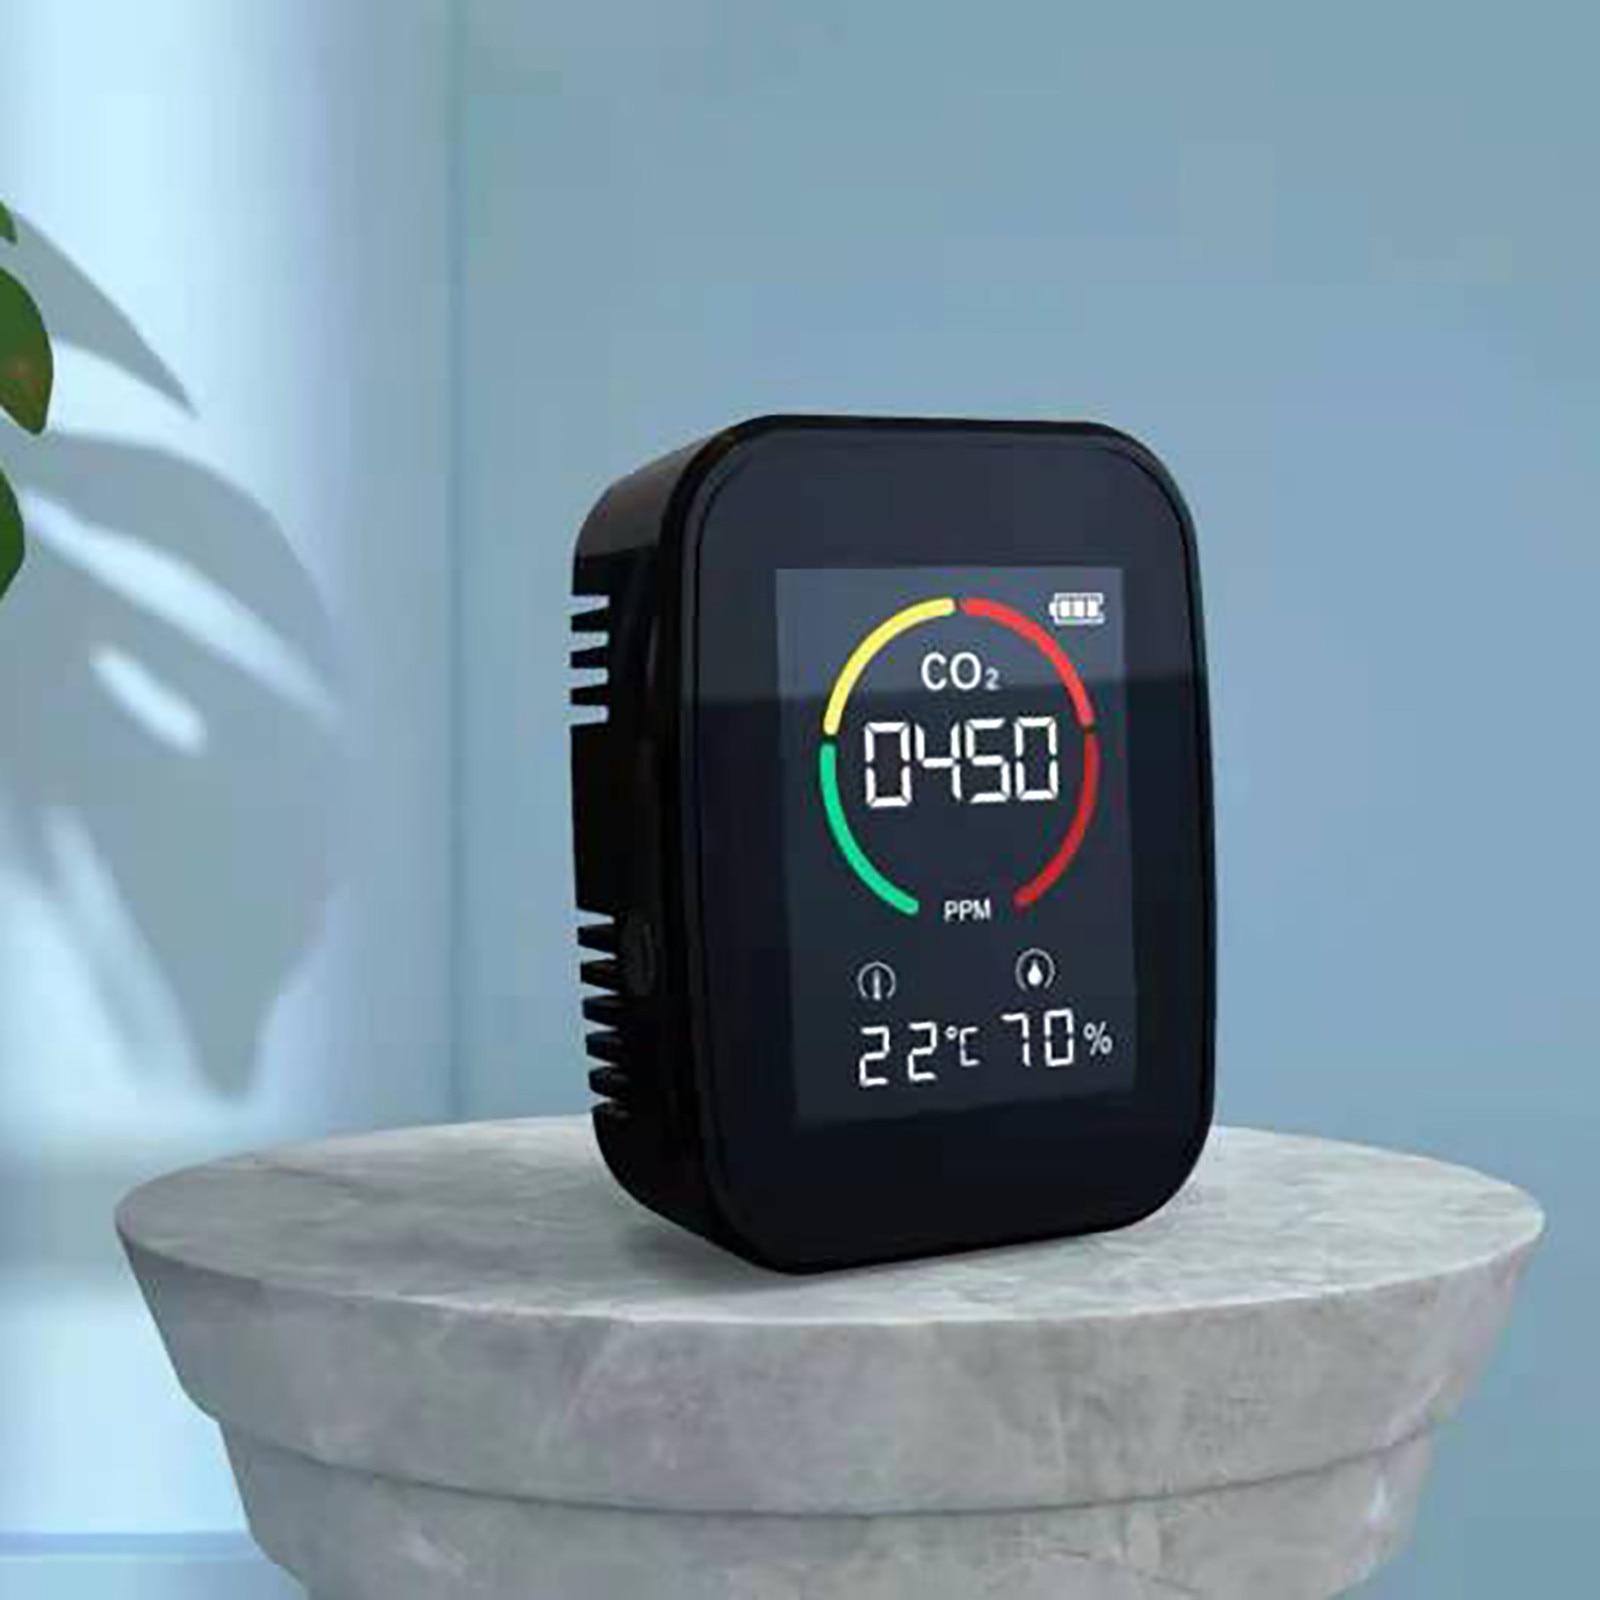 Детектор углекислого газа содержание газа цветной экран интеллект СО2 метр детектор цифровой контроль качества воздуха